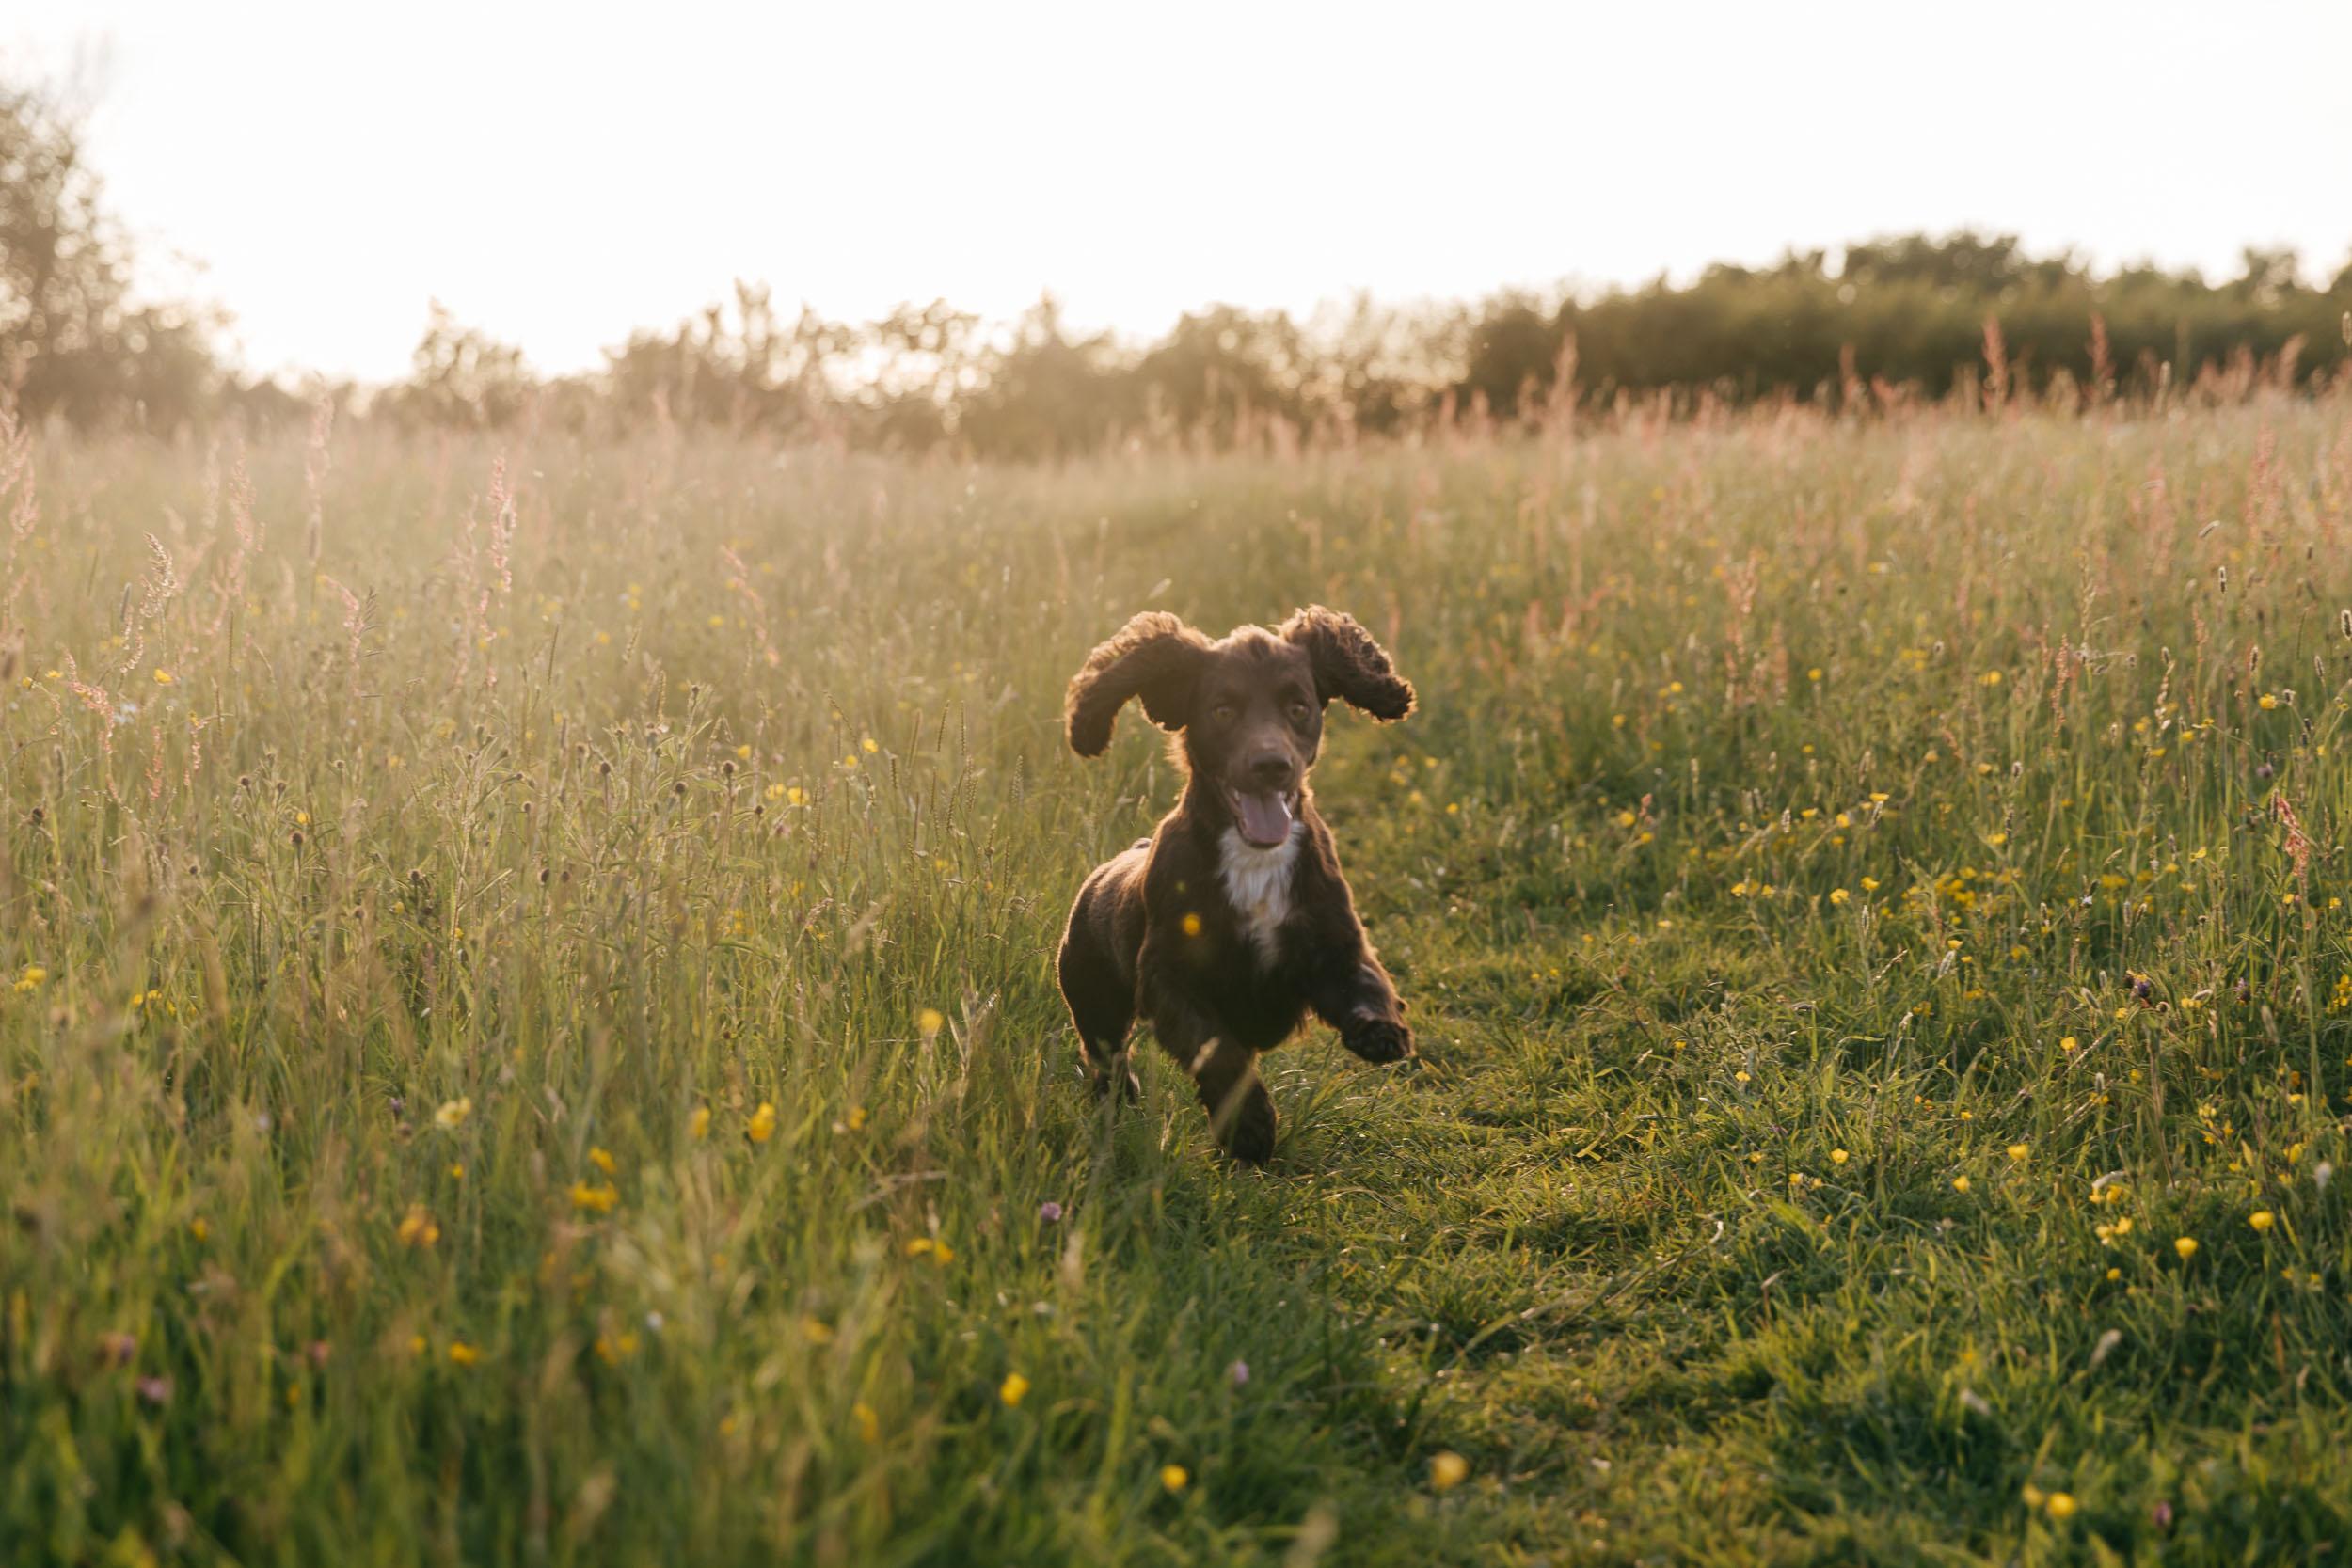 pet portrait photography gloucestershire